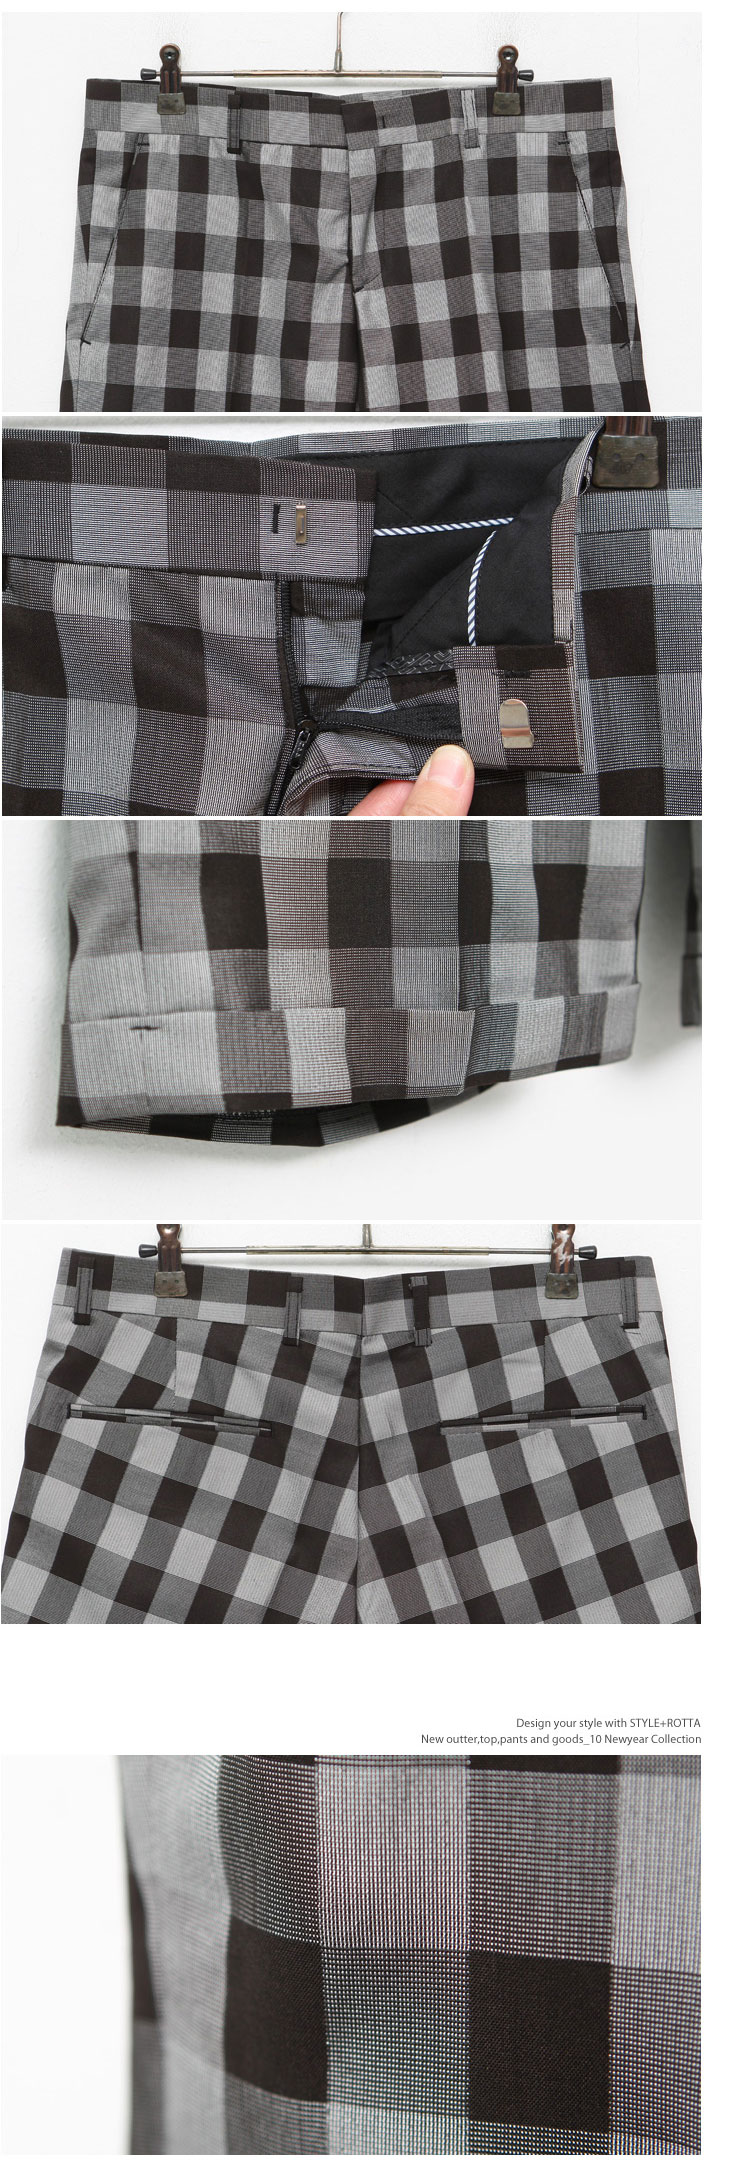 กางเกงผู้ชาย   กางเกงแฟชั่นผู้ชาย กางเกงขาสั้น ลายสก๊อต แฟชั่นเกาหลี